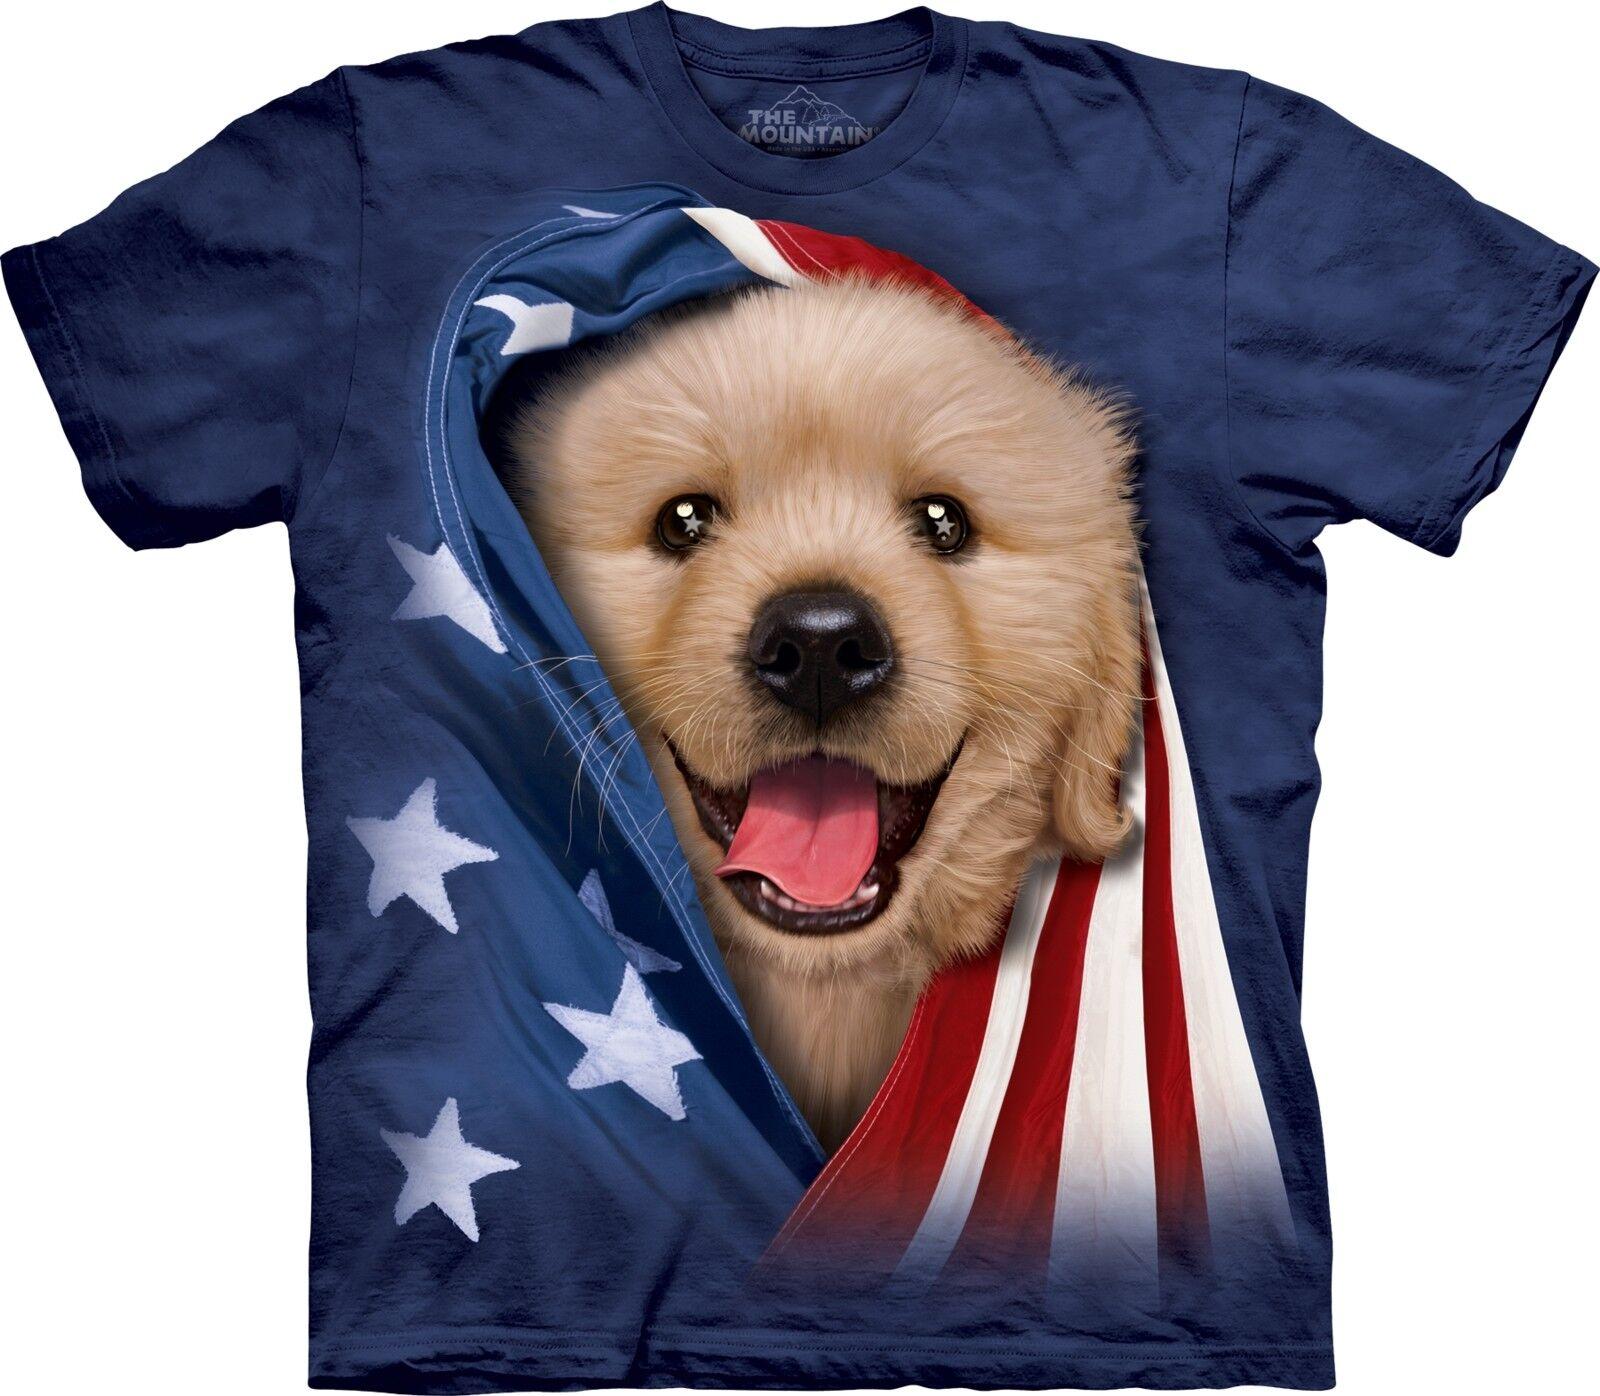 The Mountain Unisex Adult Patriotic golden Pup Pet T Shirt